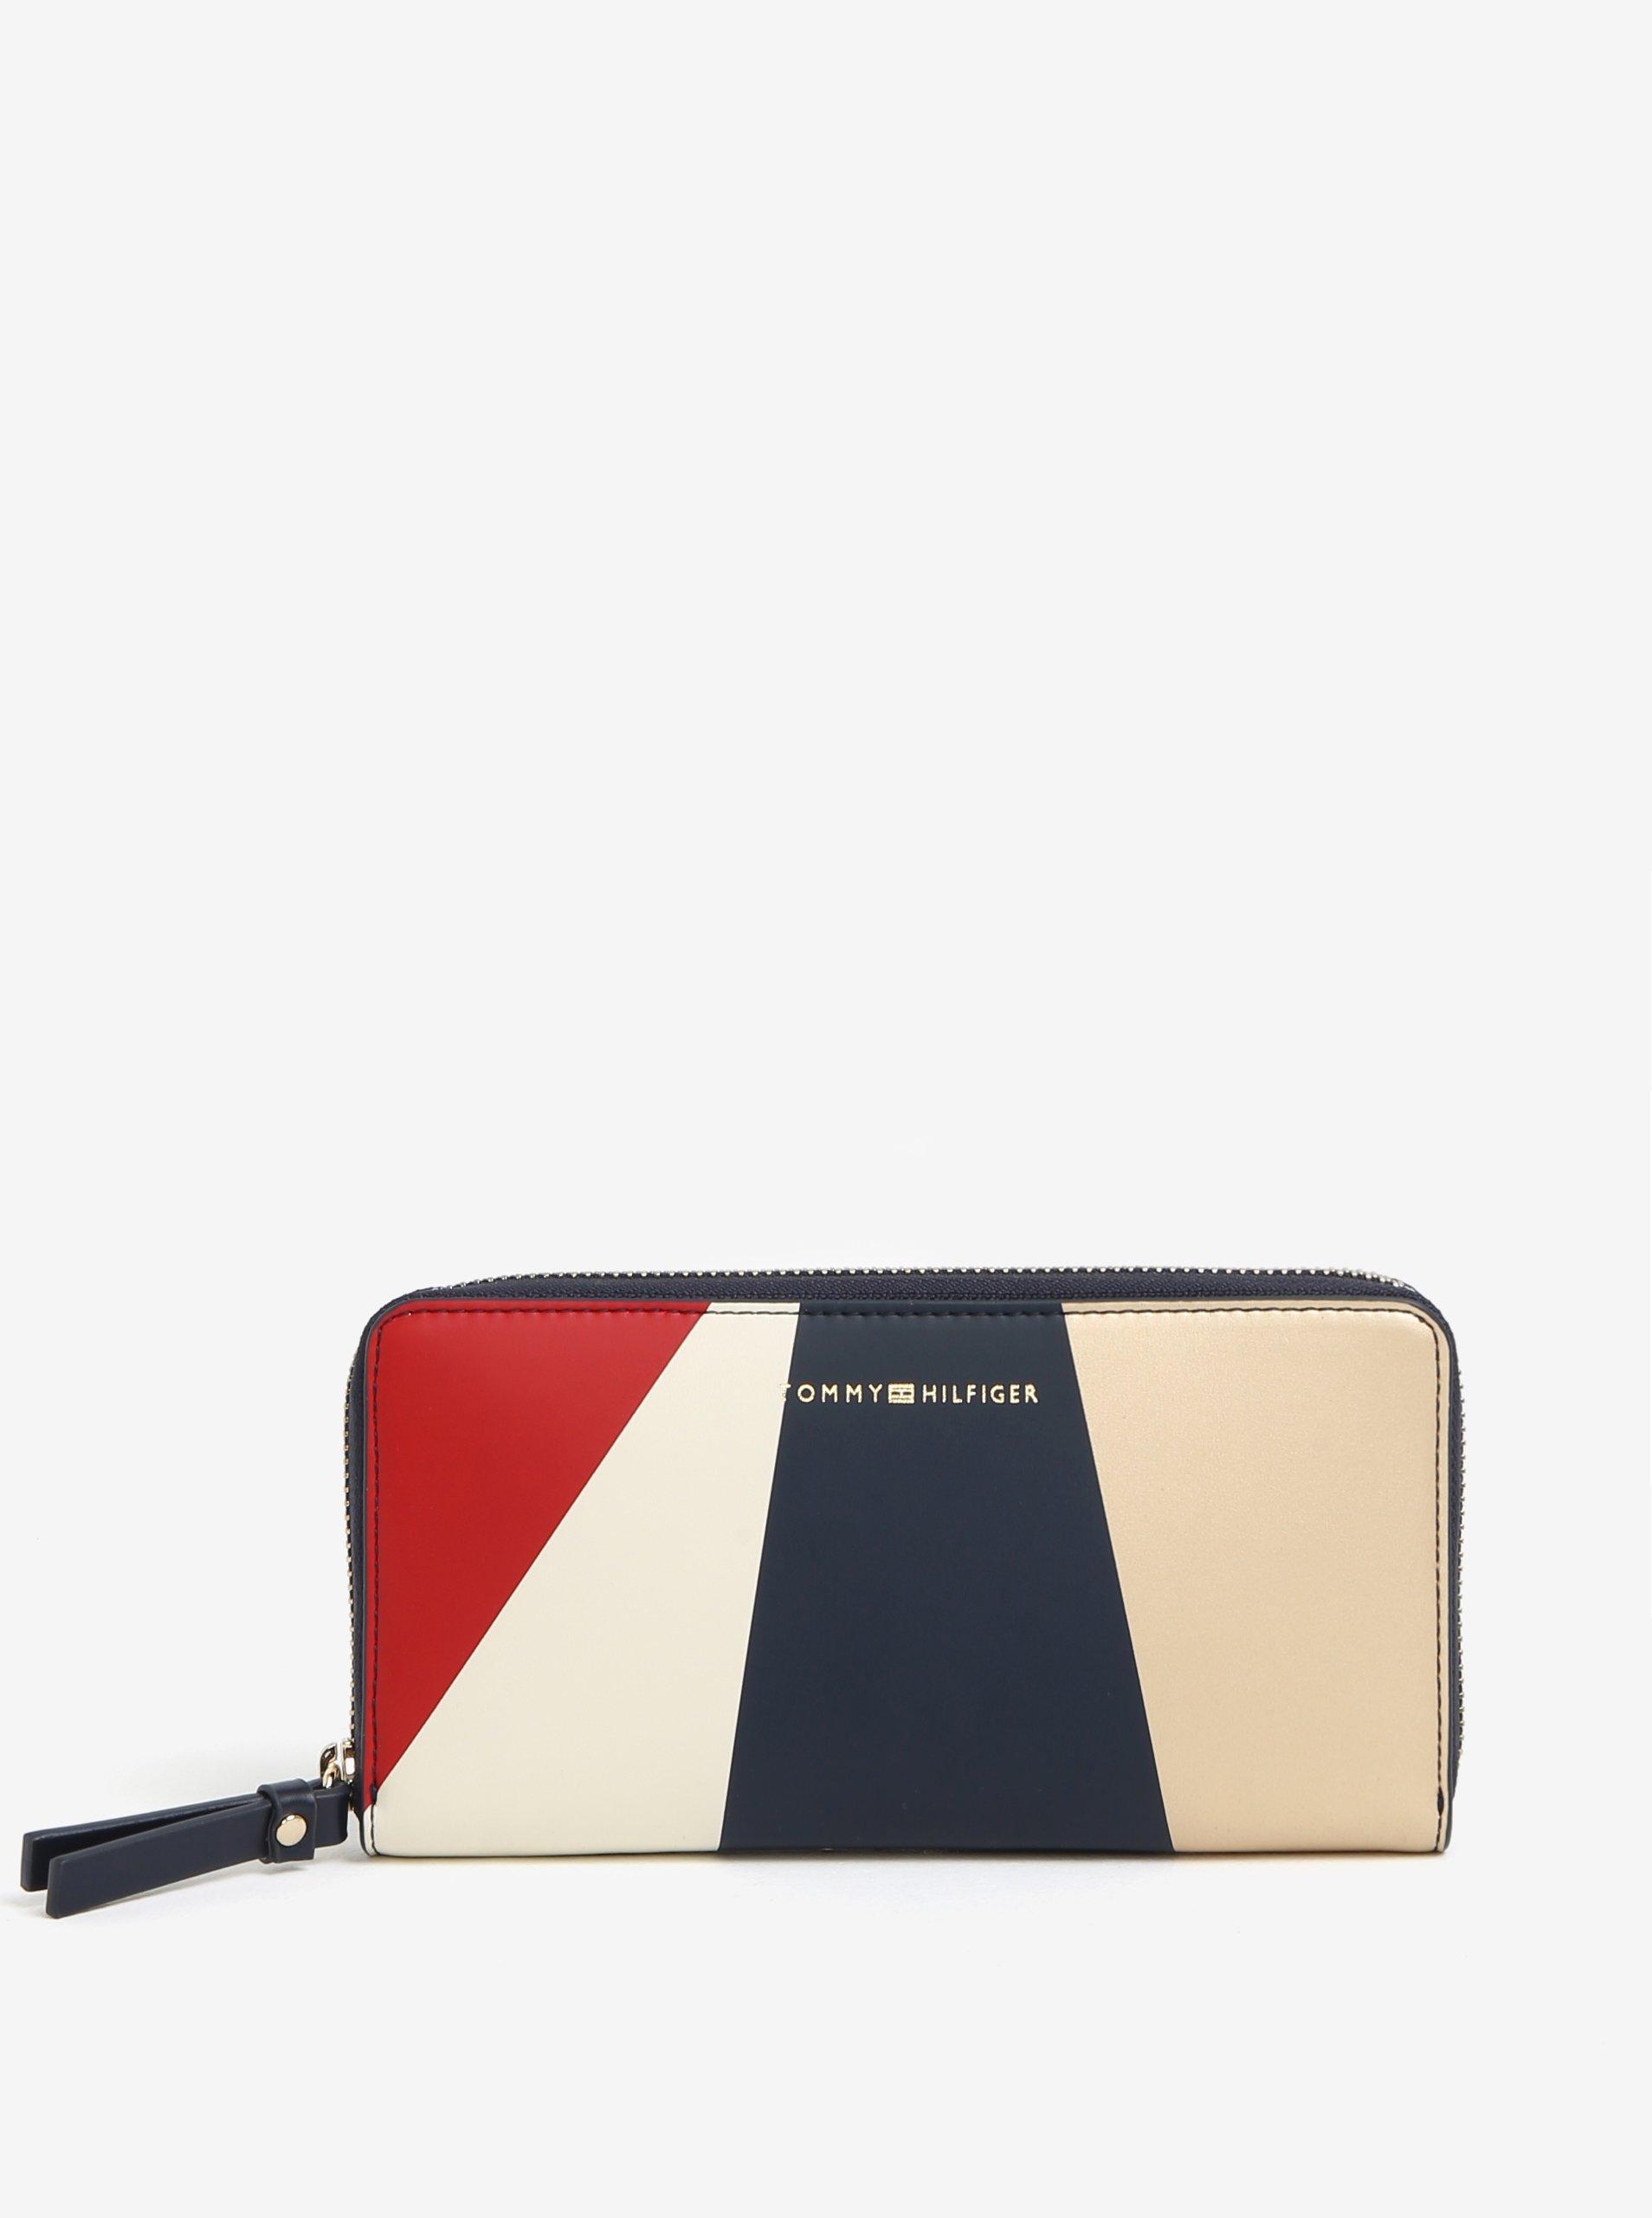 Červeno-modrá dámska peňaženka Tommy Hilfiger  2b885c5553f